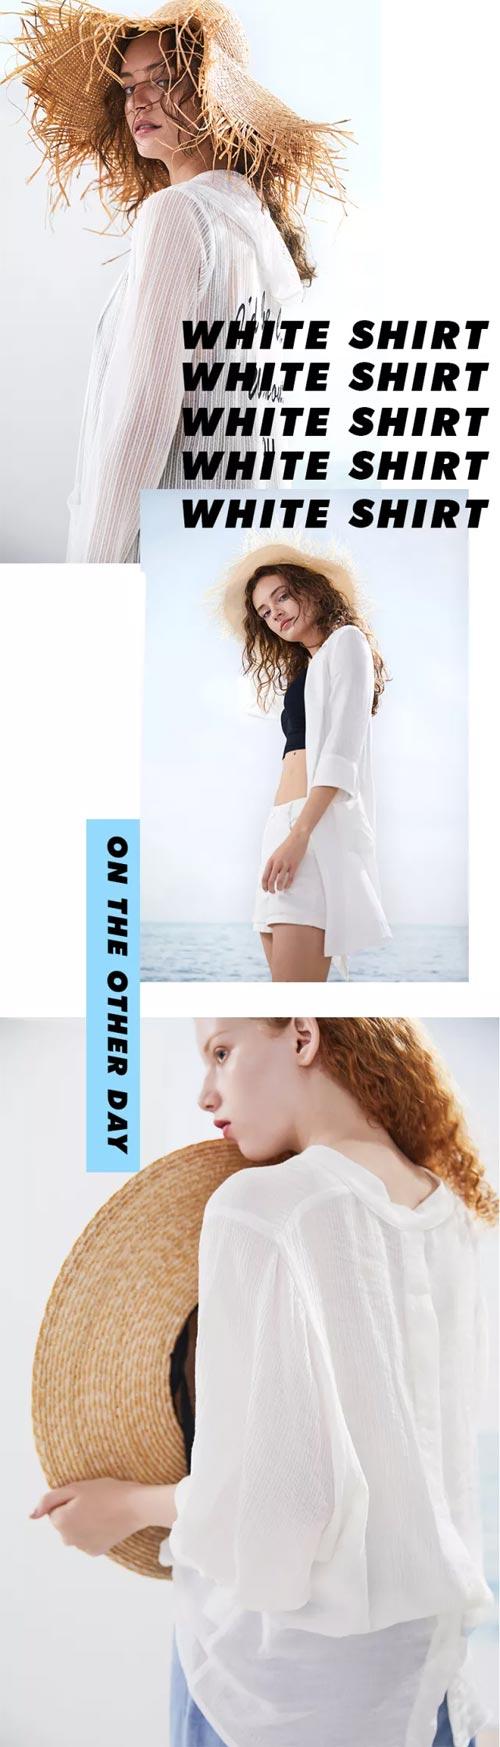 唐狮品牌服装 2018夏休闲系列清凉上市